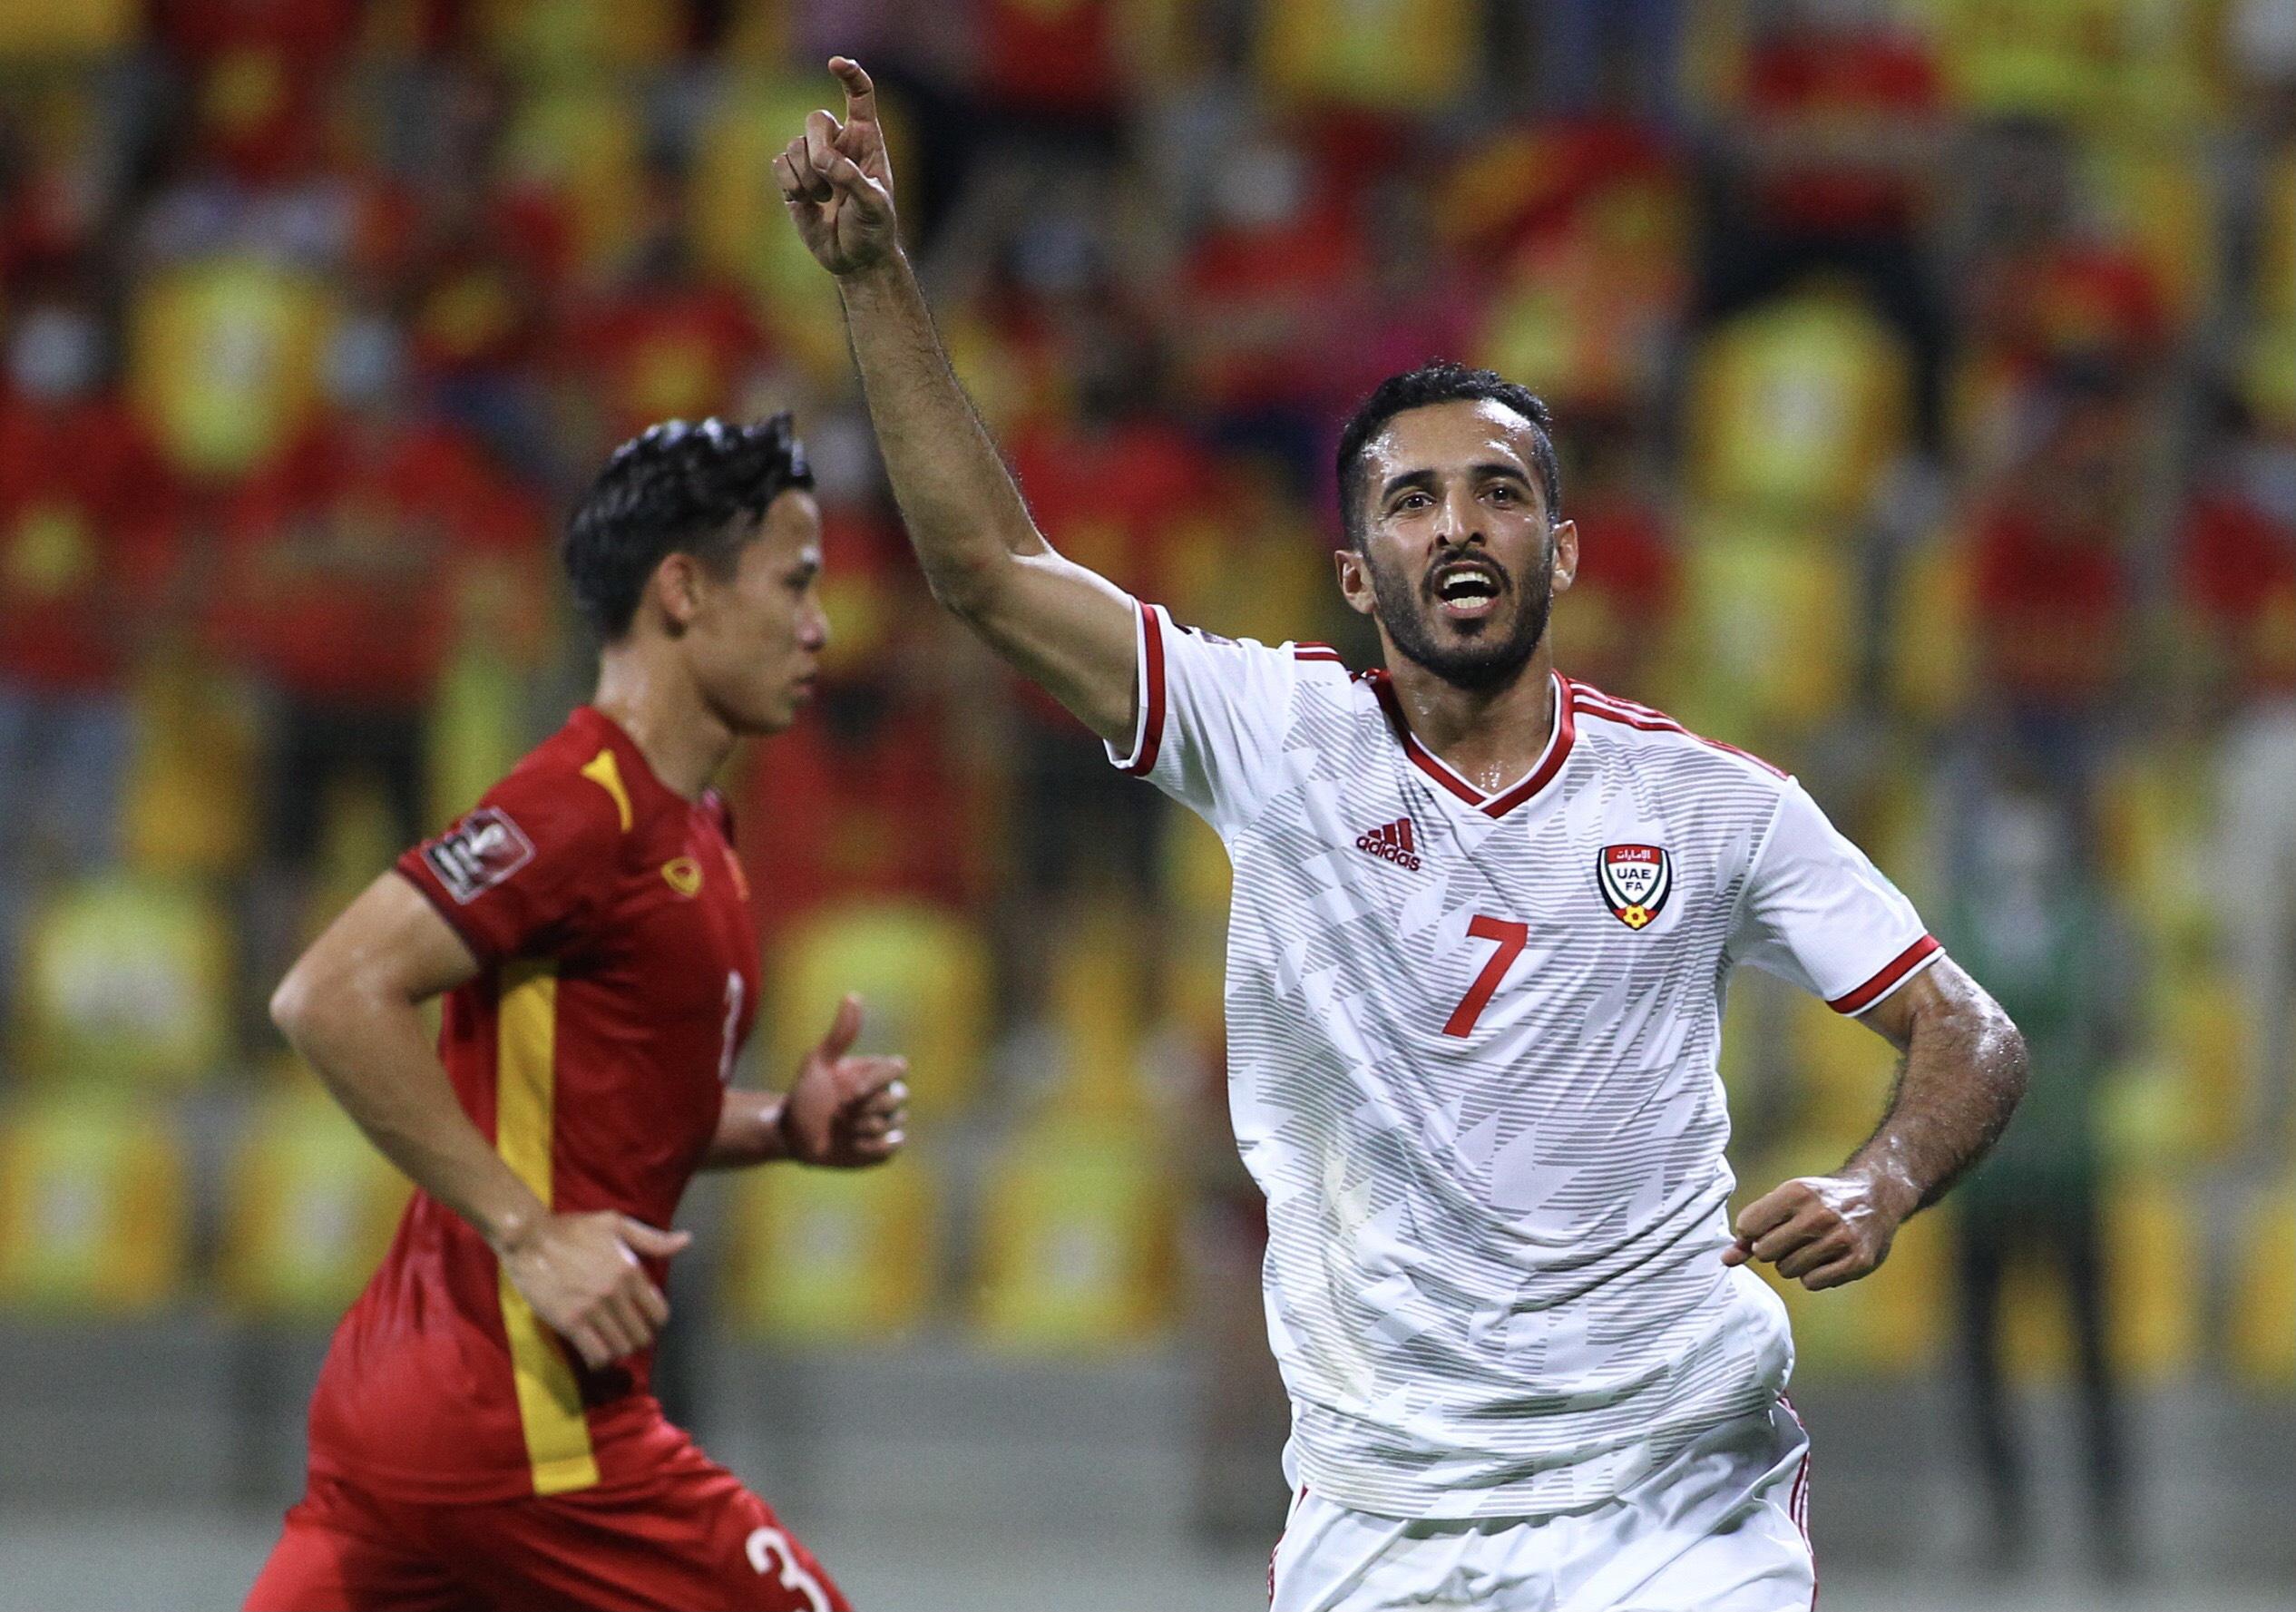 Những đội Tây Á hưởng nhiều lợi thế khi đăng cai tổ chức tập trung các bảng đấu ở những lượt cuối vòng loại thứ hai World Cup 2022. Ảnh: Y Kiện.